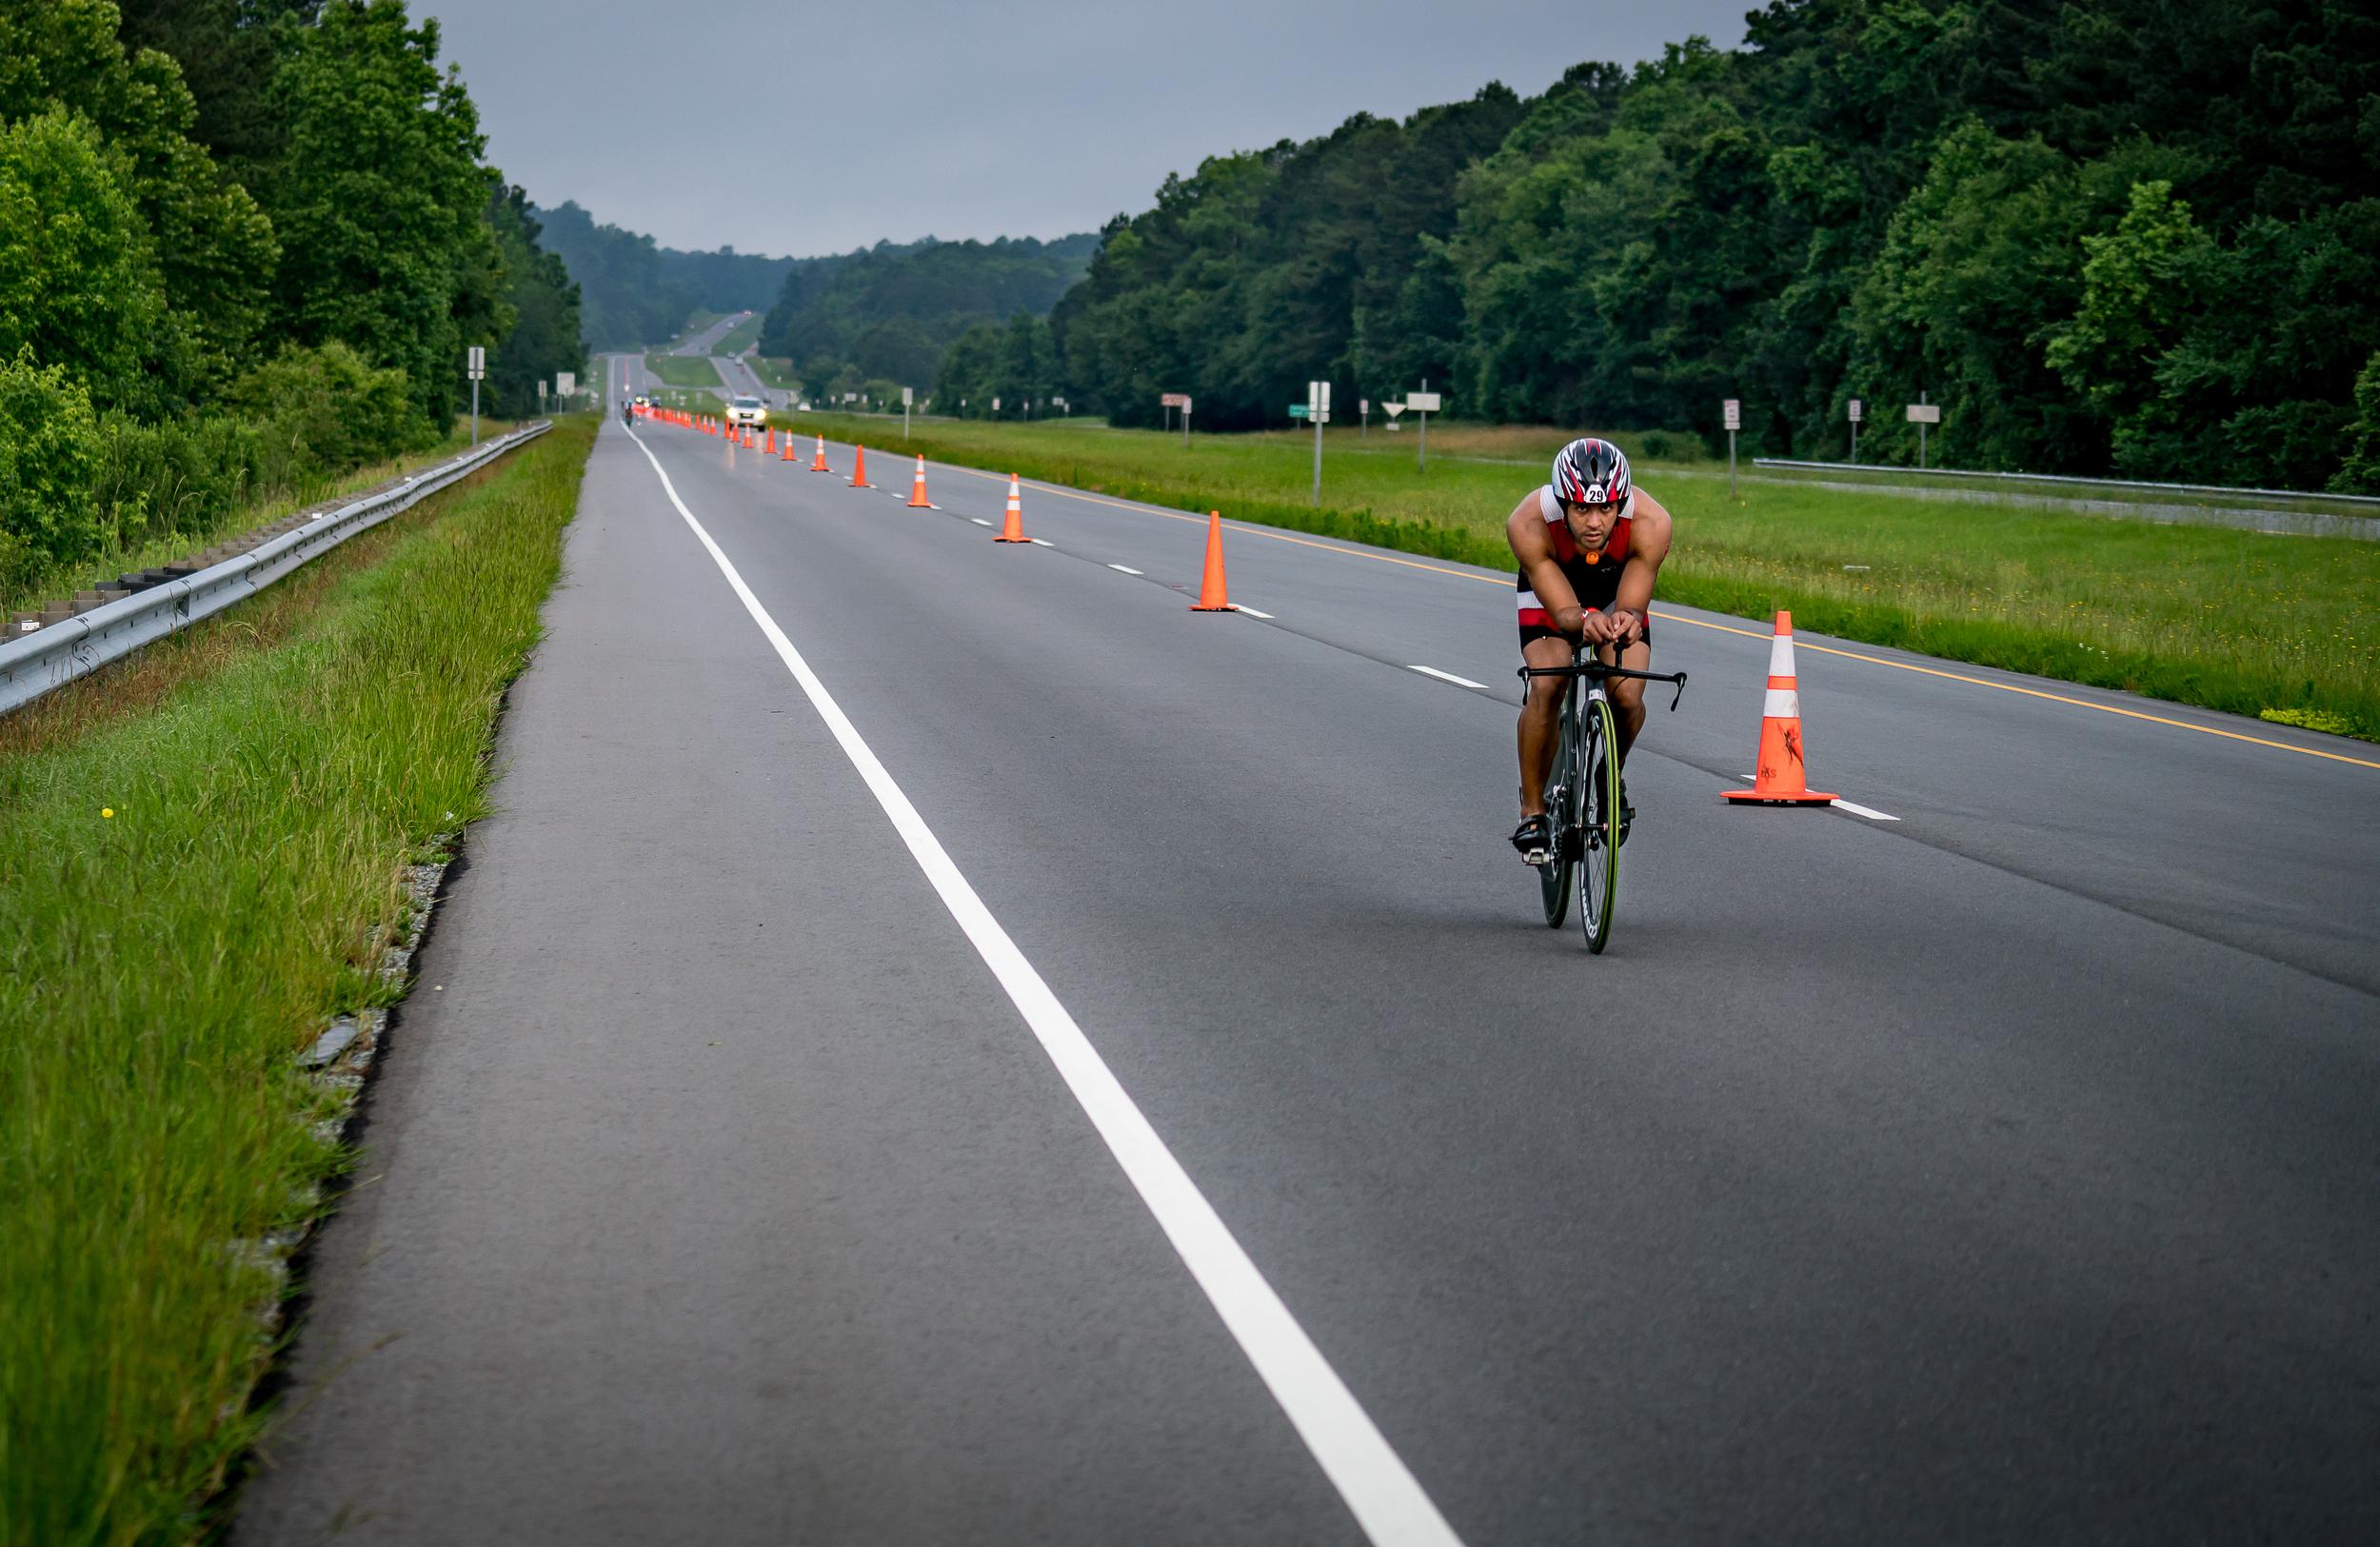 IronmanRaleigh-6022.jpg